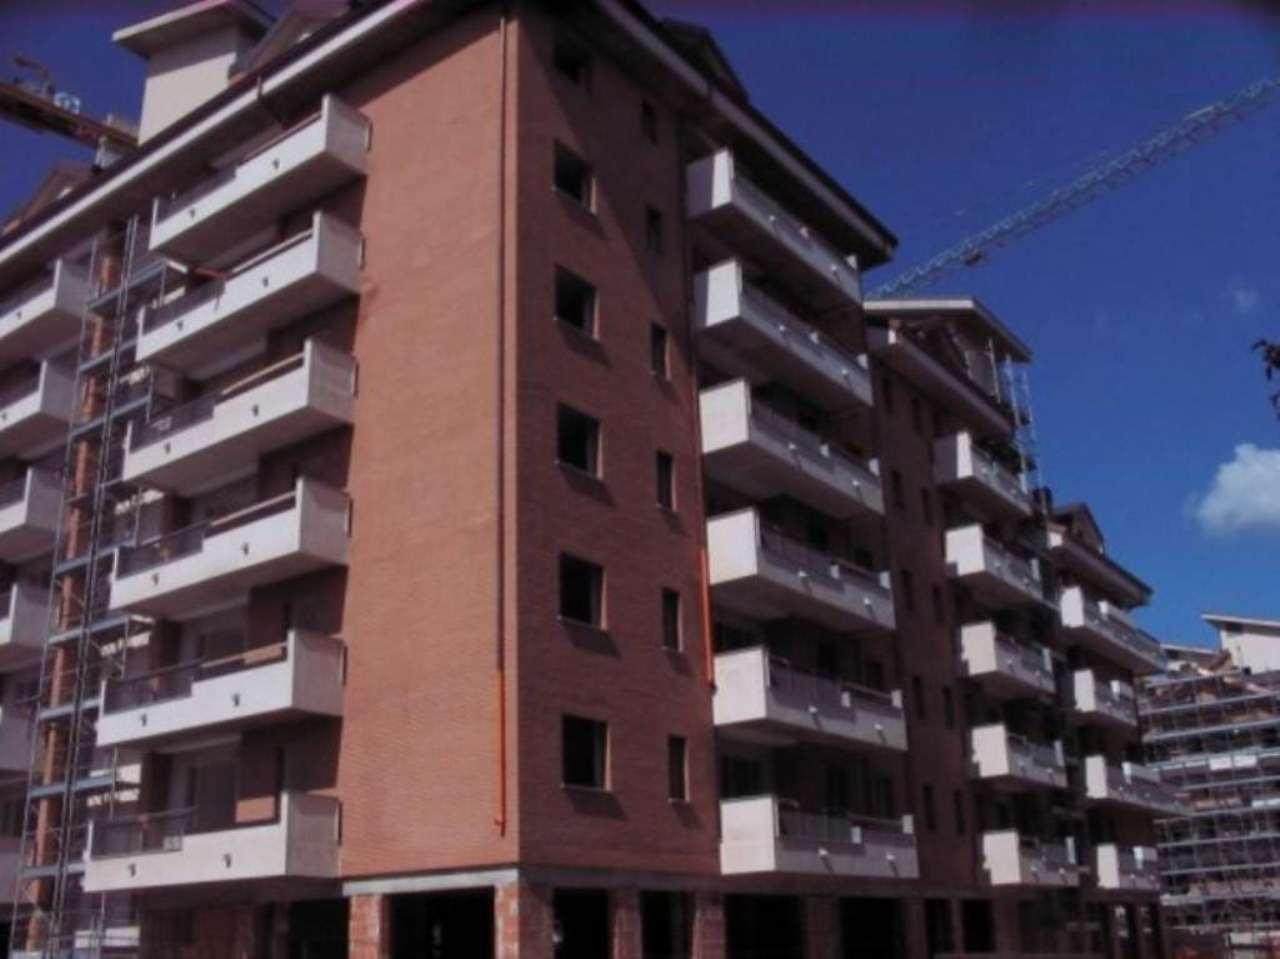 Appartamento in vendita a Opera, 1 locali, prezzo € 115.000 | Cambio Casa.it